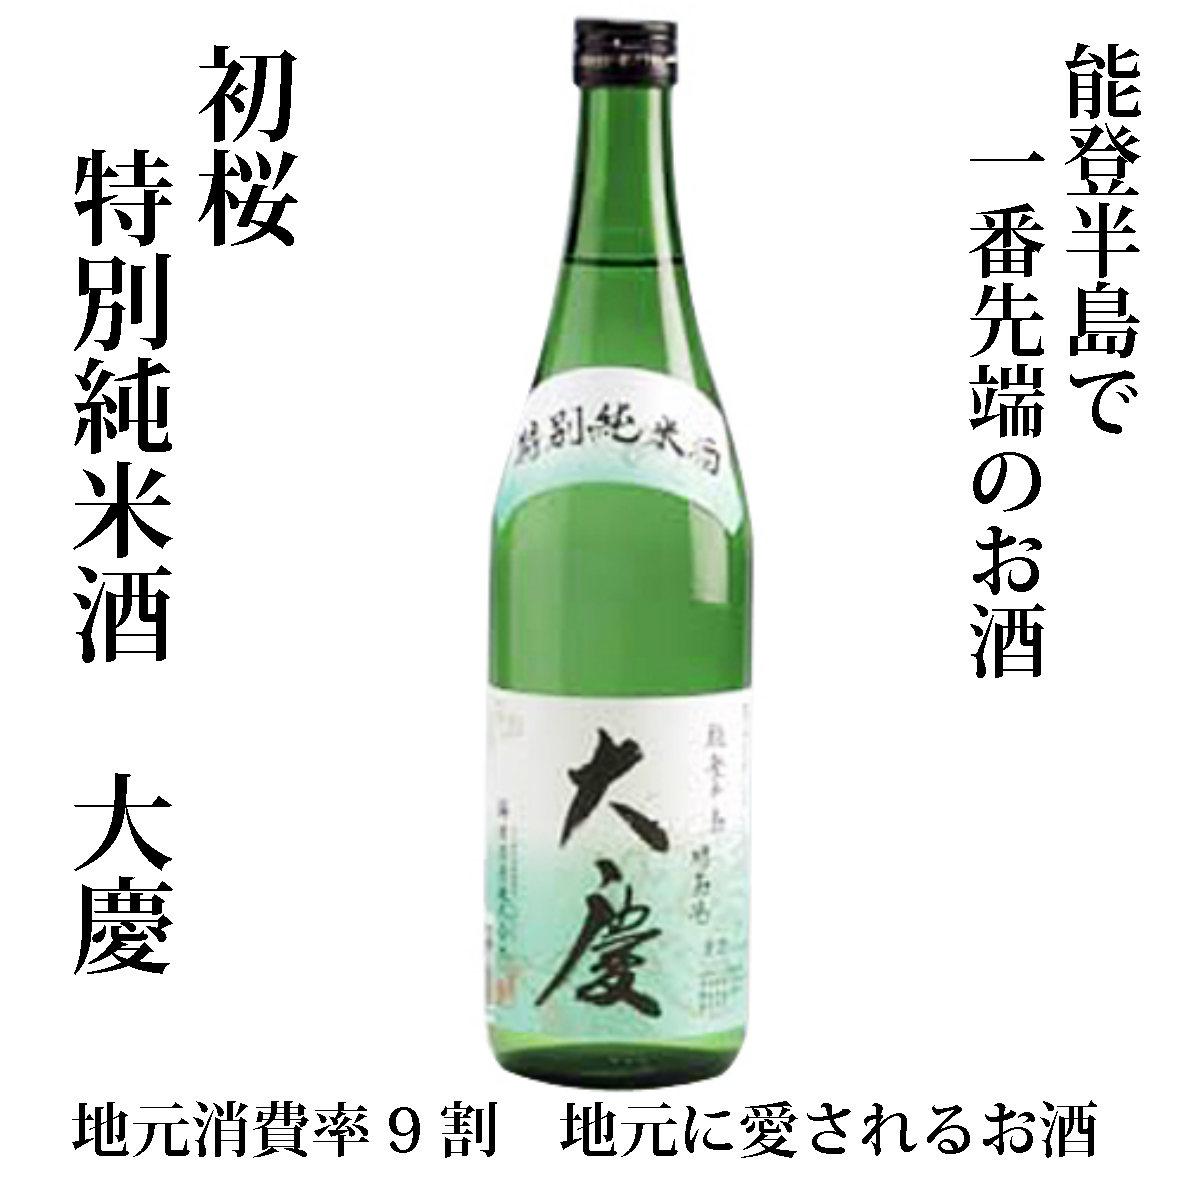 酒質とのバランスと程よい味わいが感じられる 山田錦の精米歩合55%の特別純米酒です 舗 初桜 特別純米酒 お買得 720ml 大慶 清酒